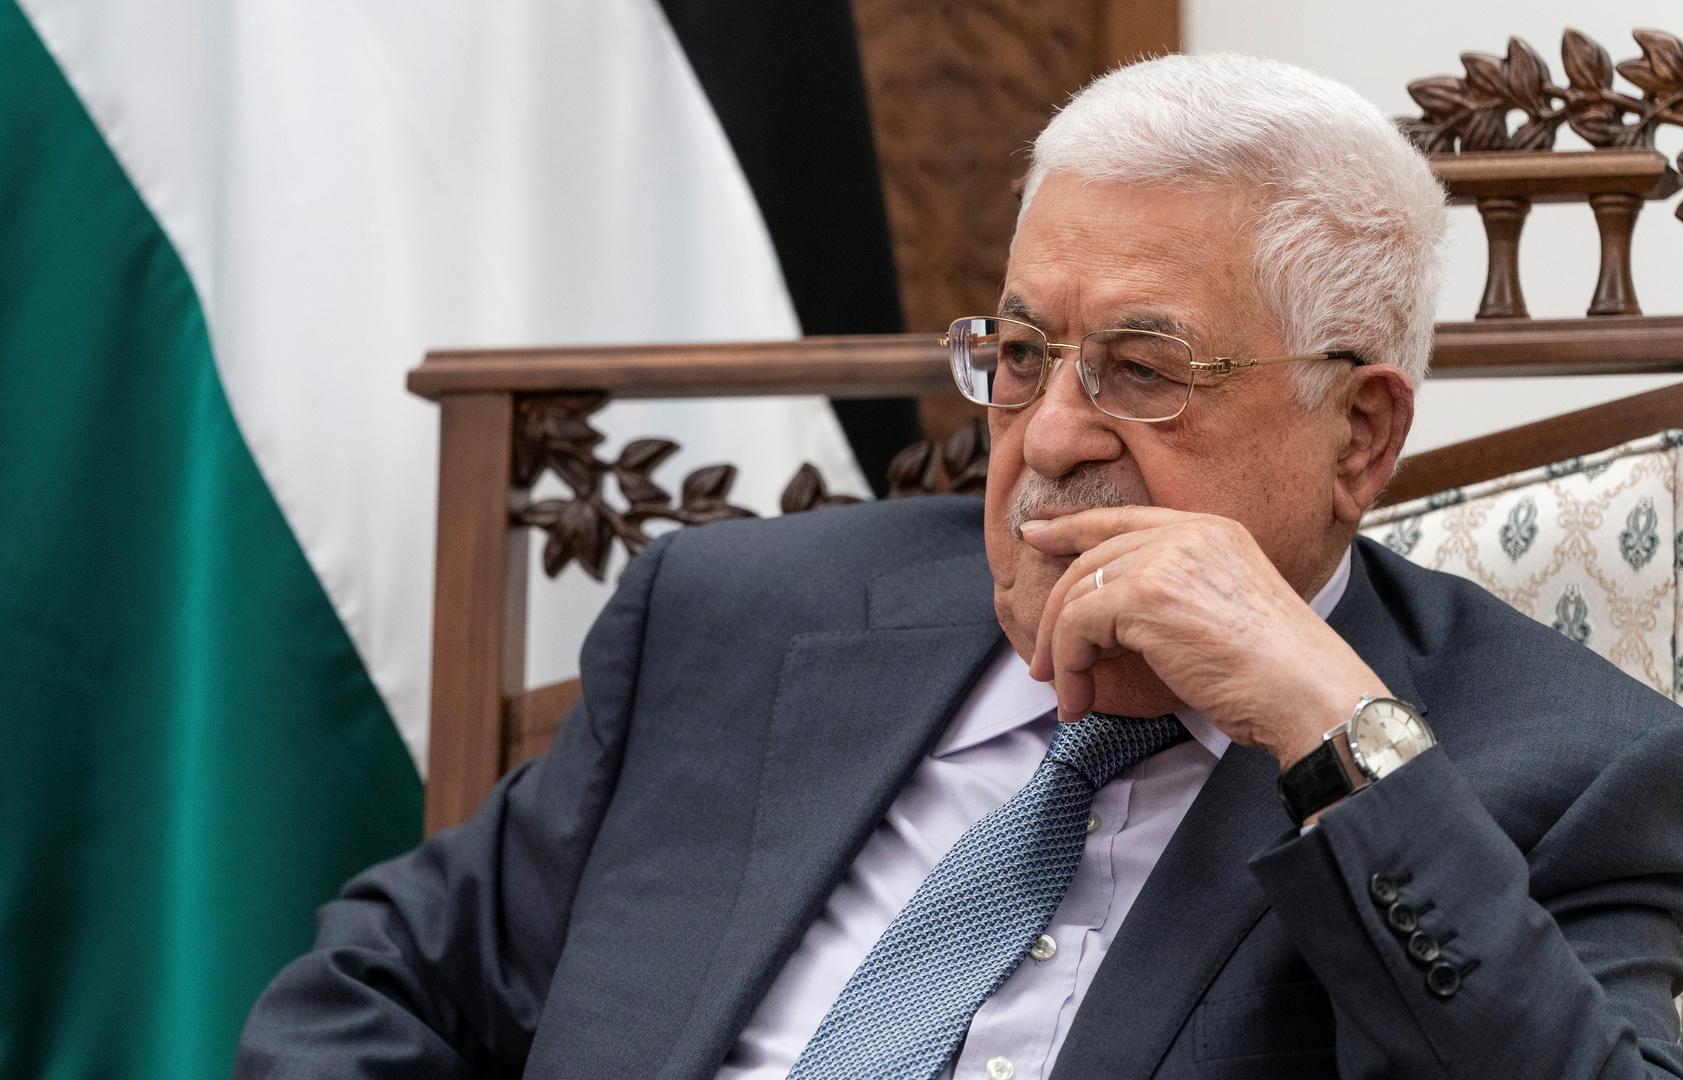 وسائل إعلام: إدارة بايدن حاولت الضغط على عباس لتفادي محاكمة إسرائيل في الجنائية الدولية